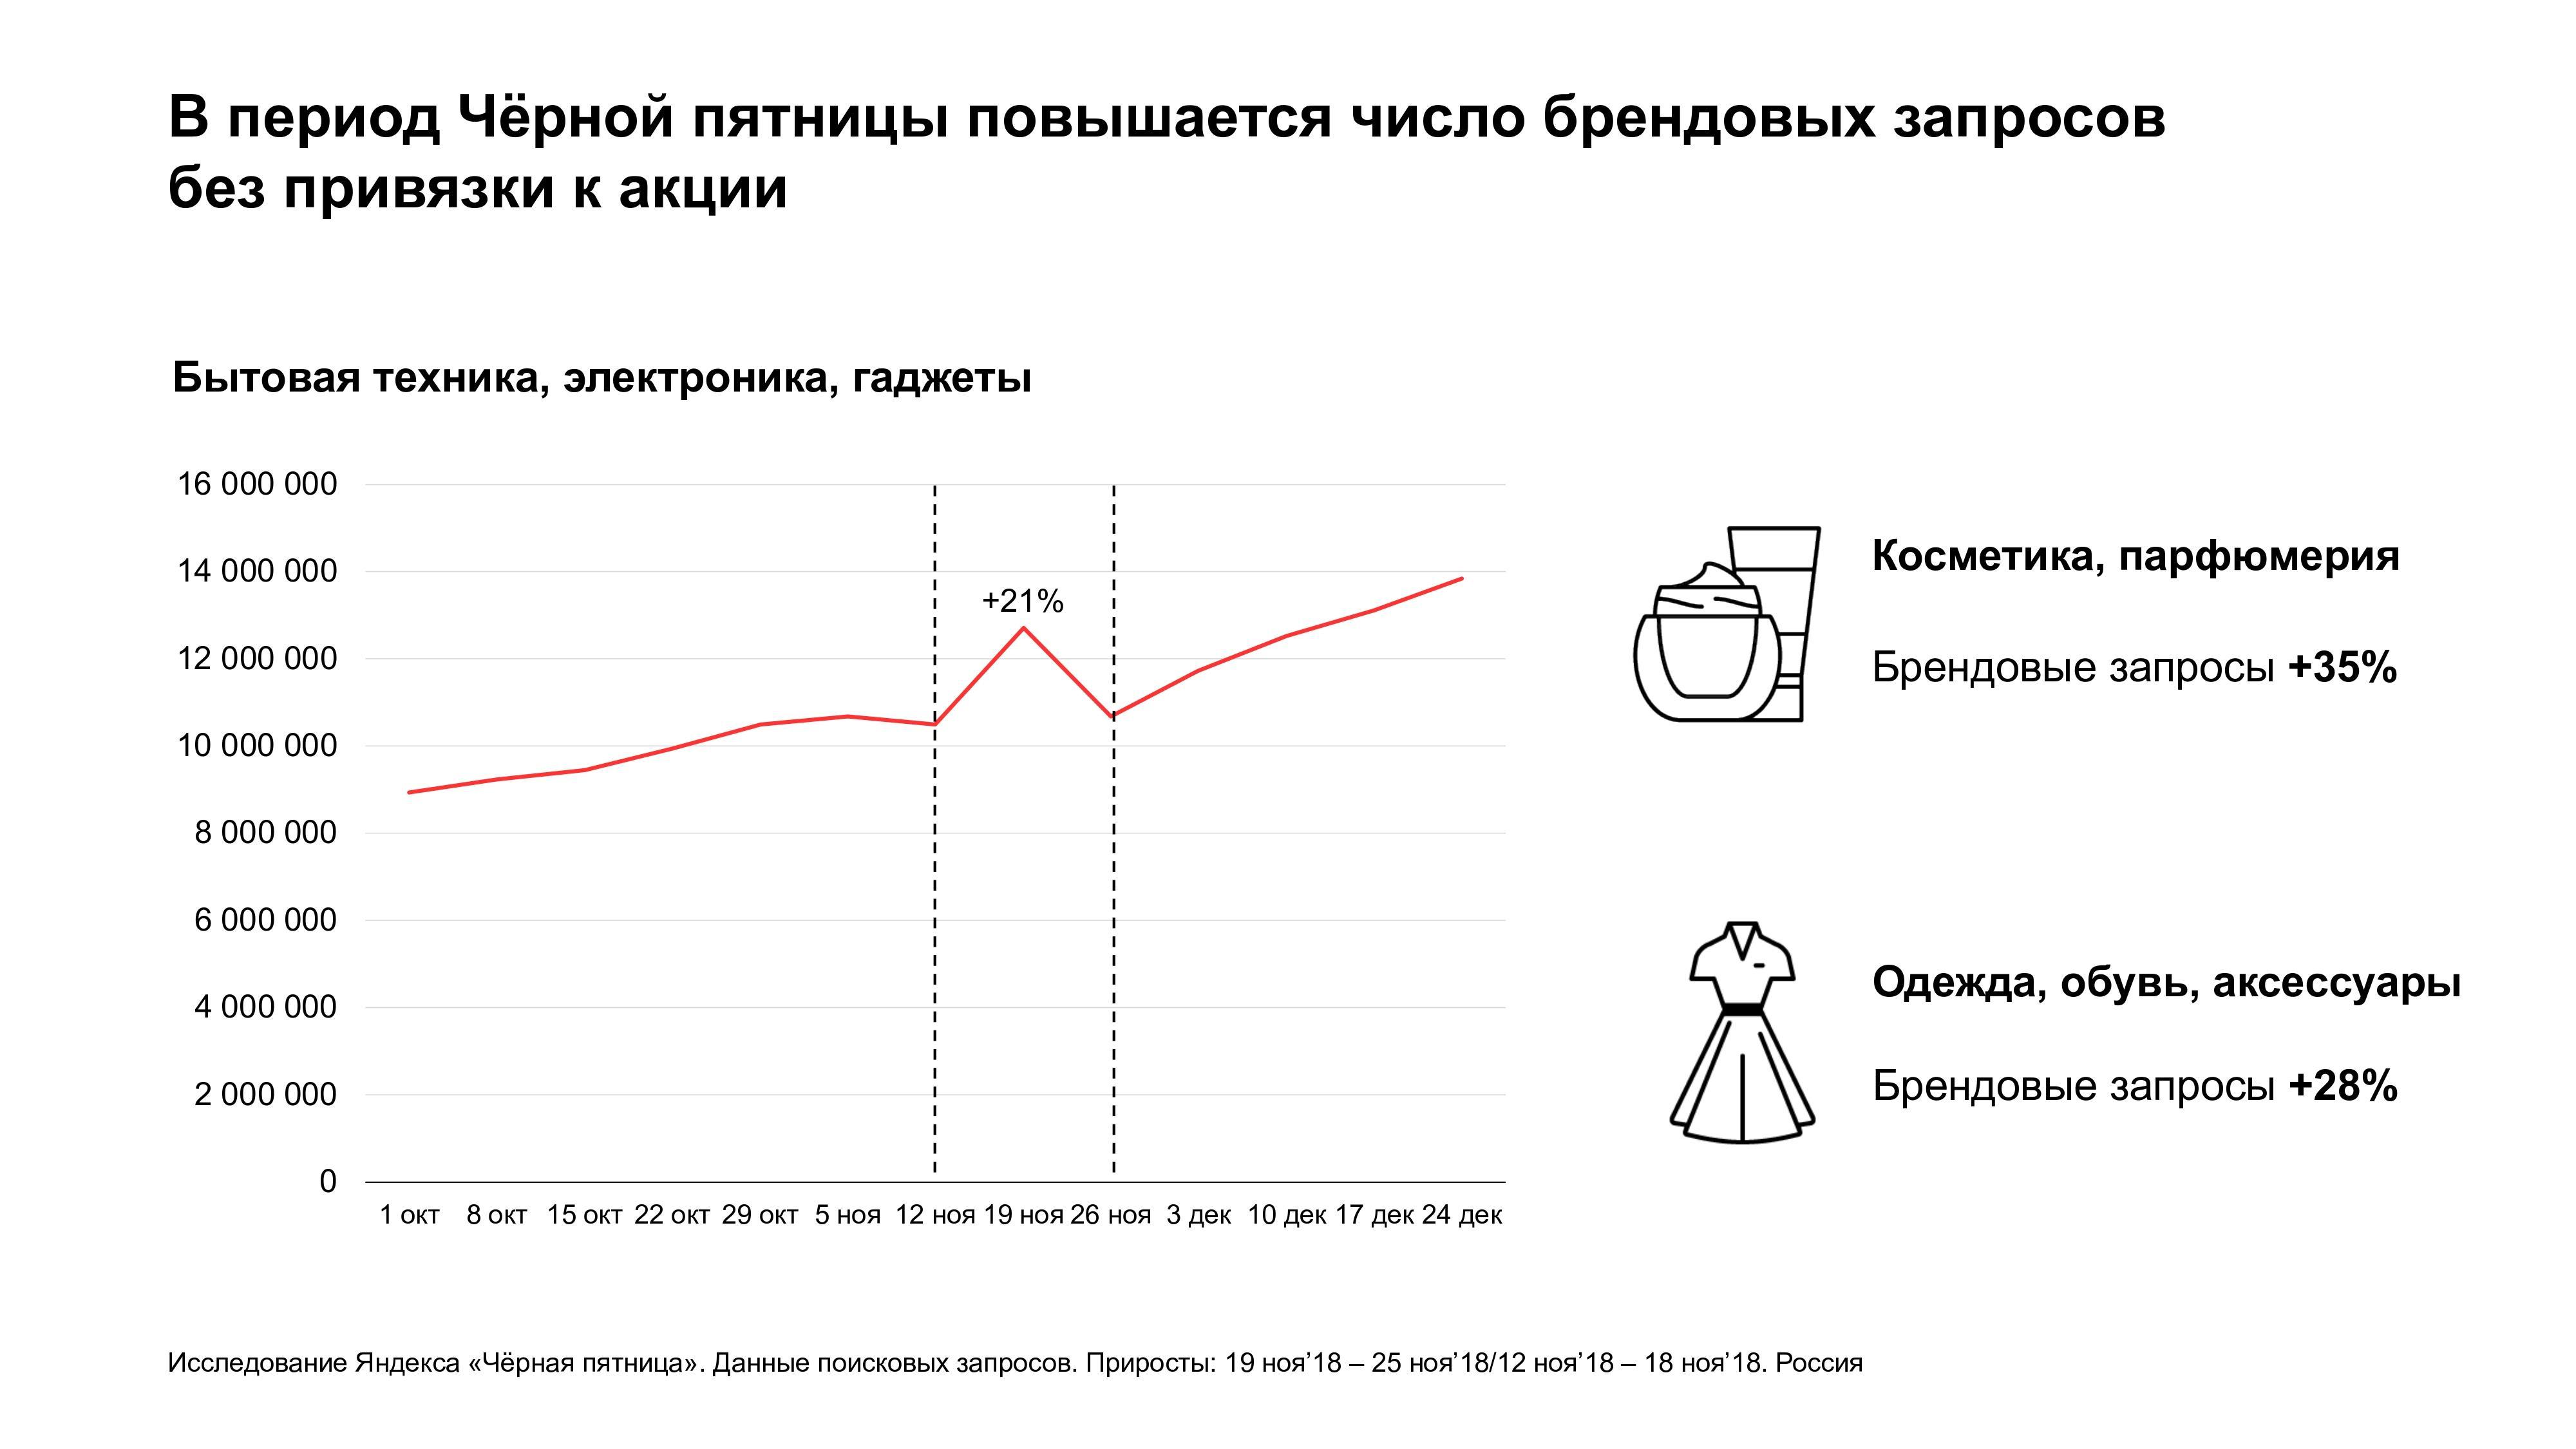 Рост брендовых запросов на 21%